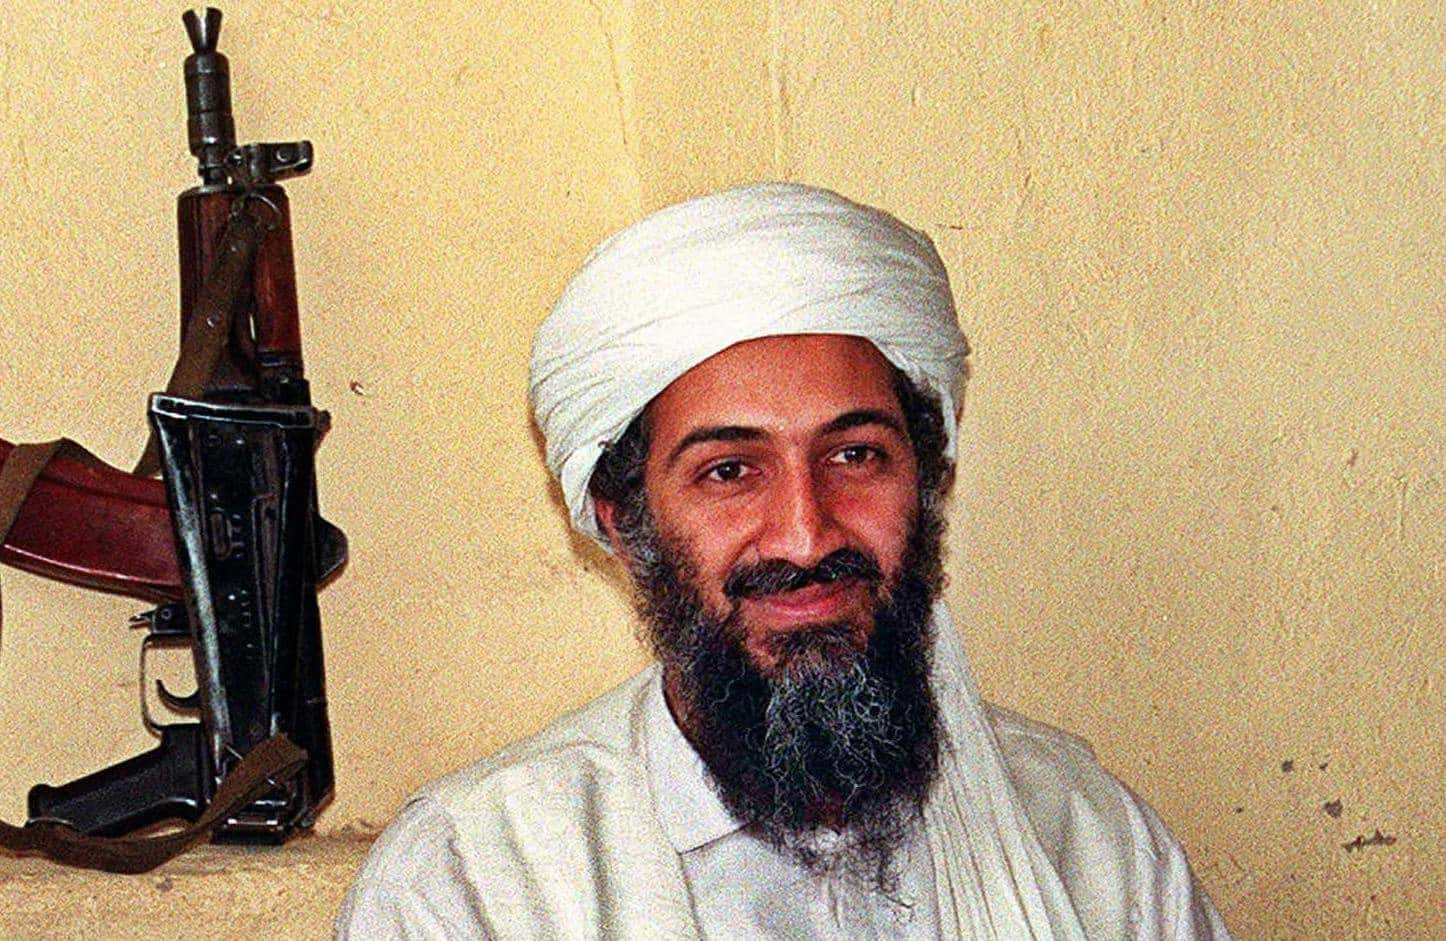 Ésta es la razón por la que no has visto las fotos de Bin Laden muerto 13